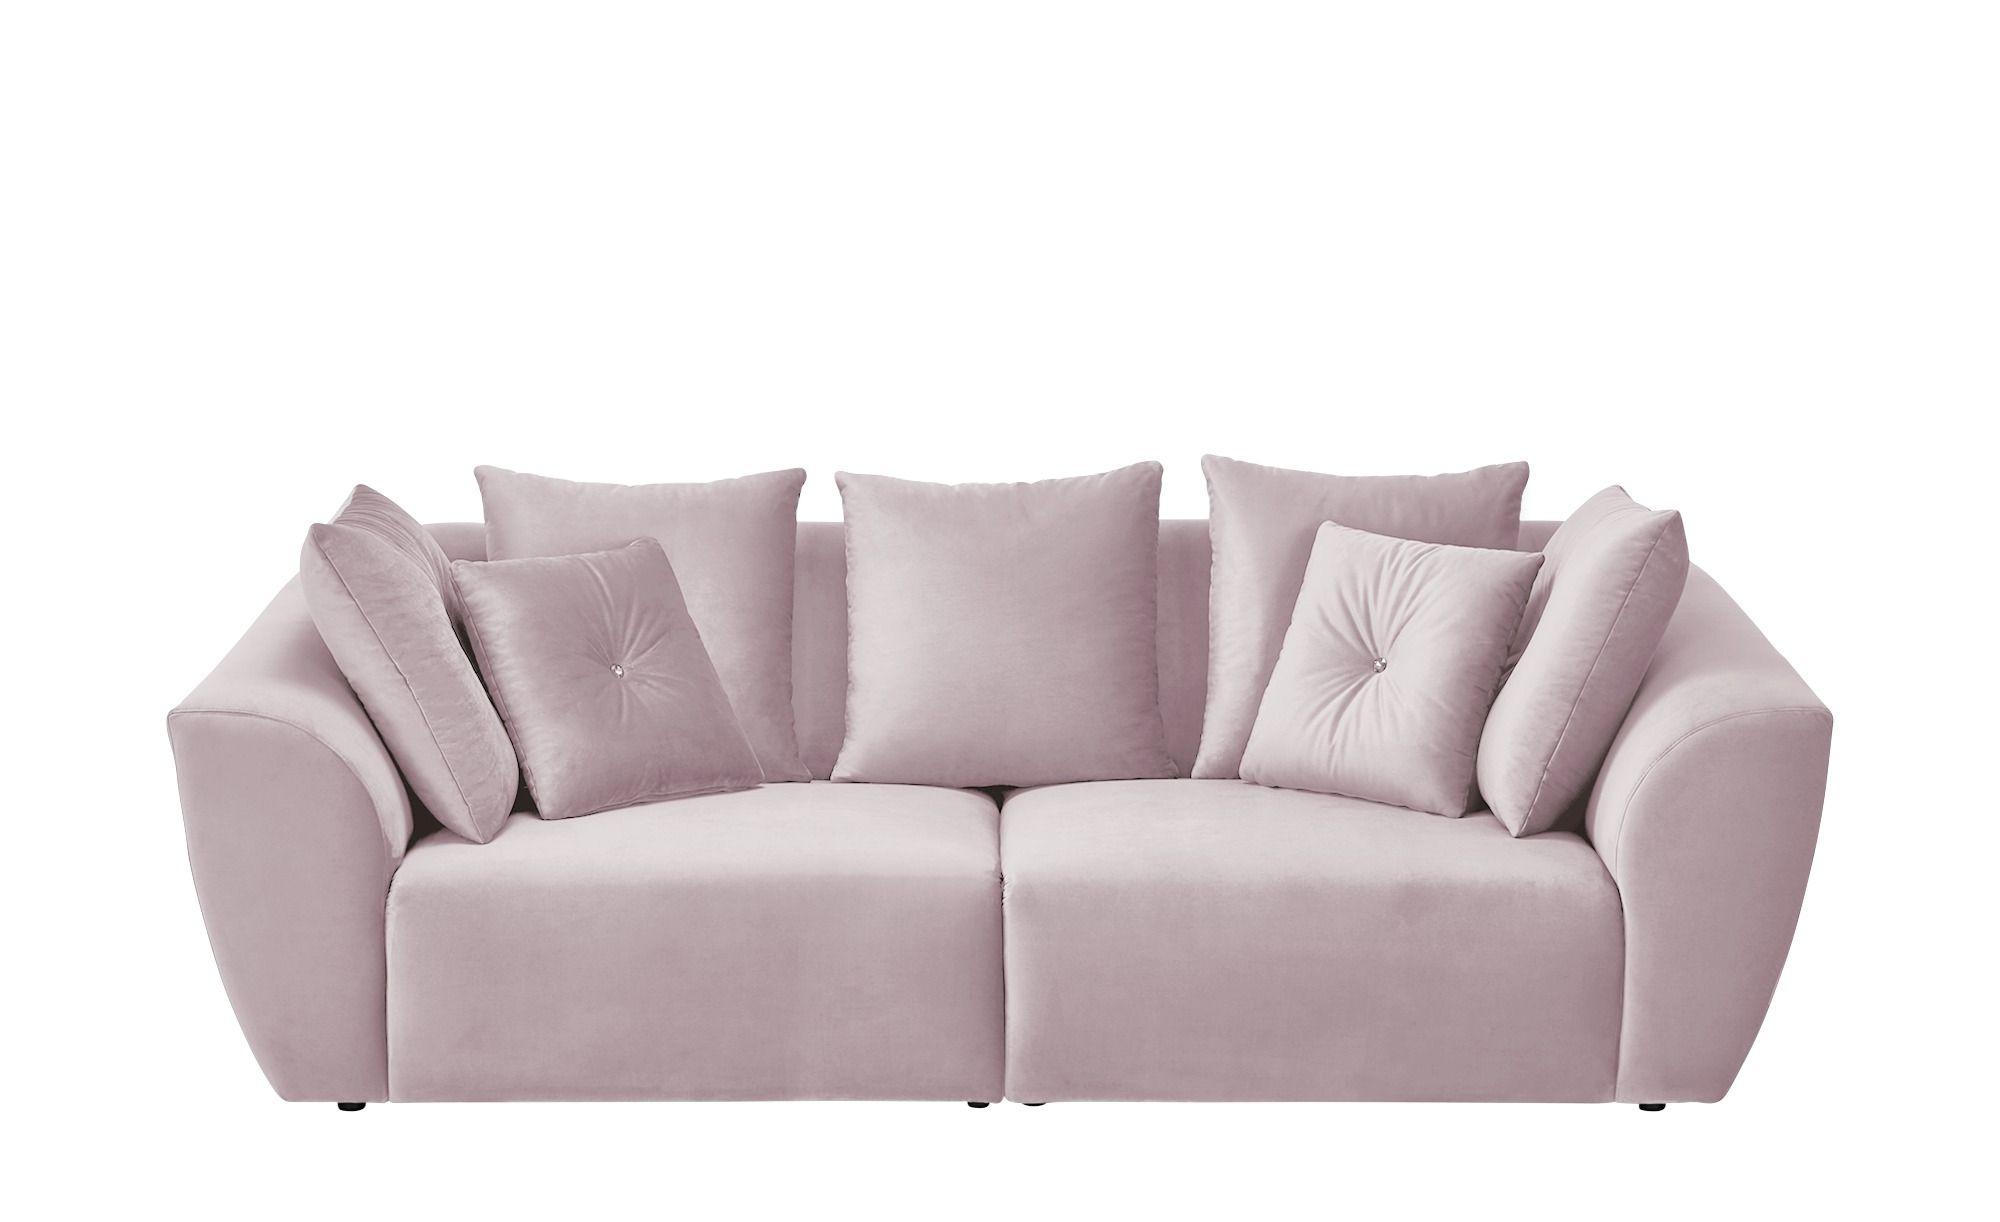 Smart Big Sofa Krista Gefunden Bei Mobel Hoffner In 2020 Grosse Sofas Sofa Sofa Kaufen